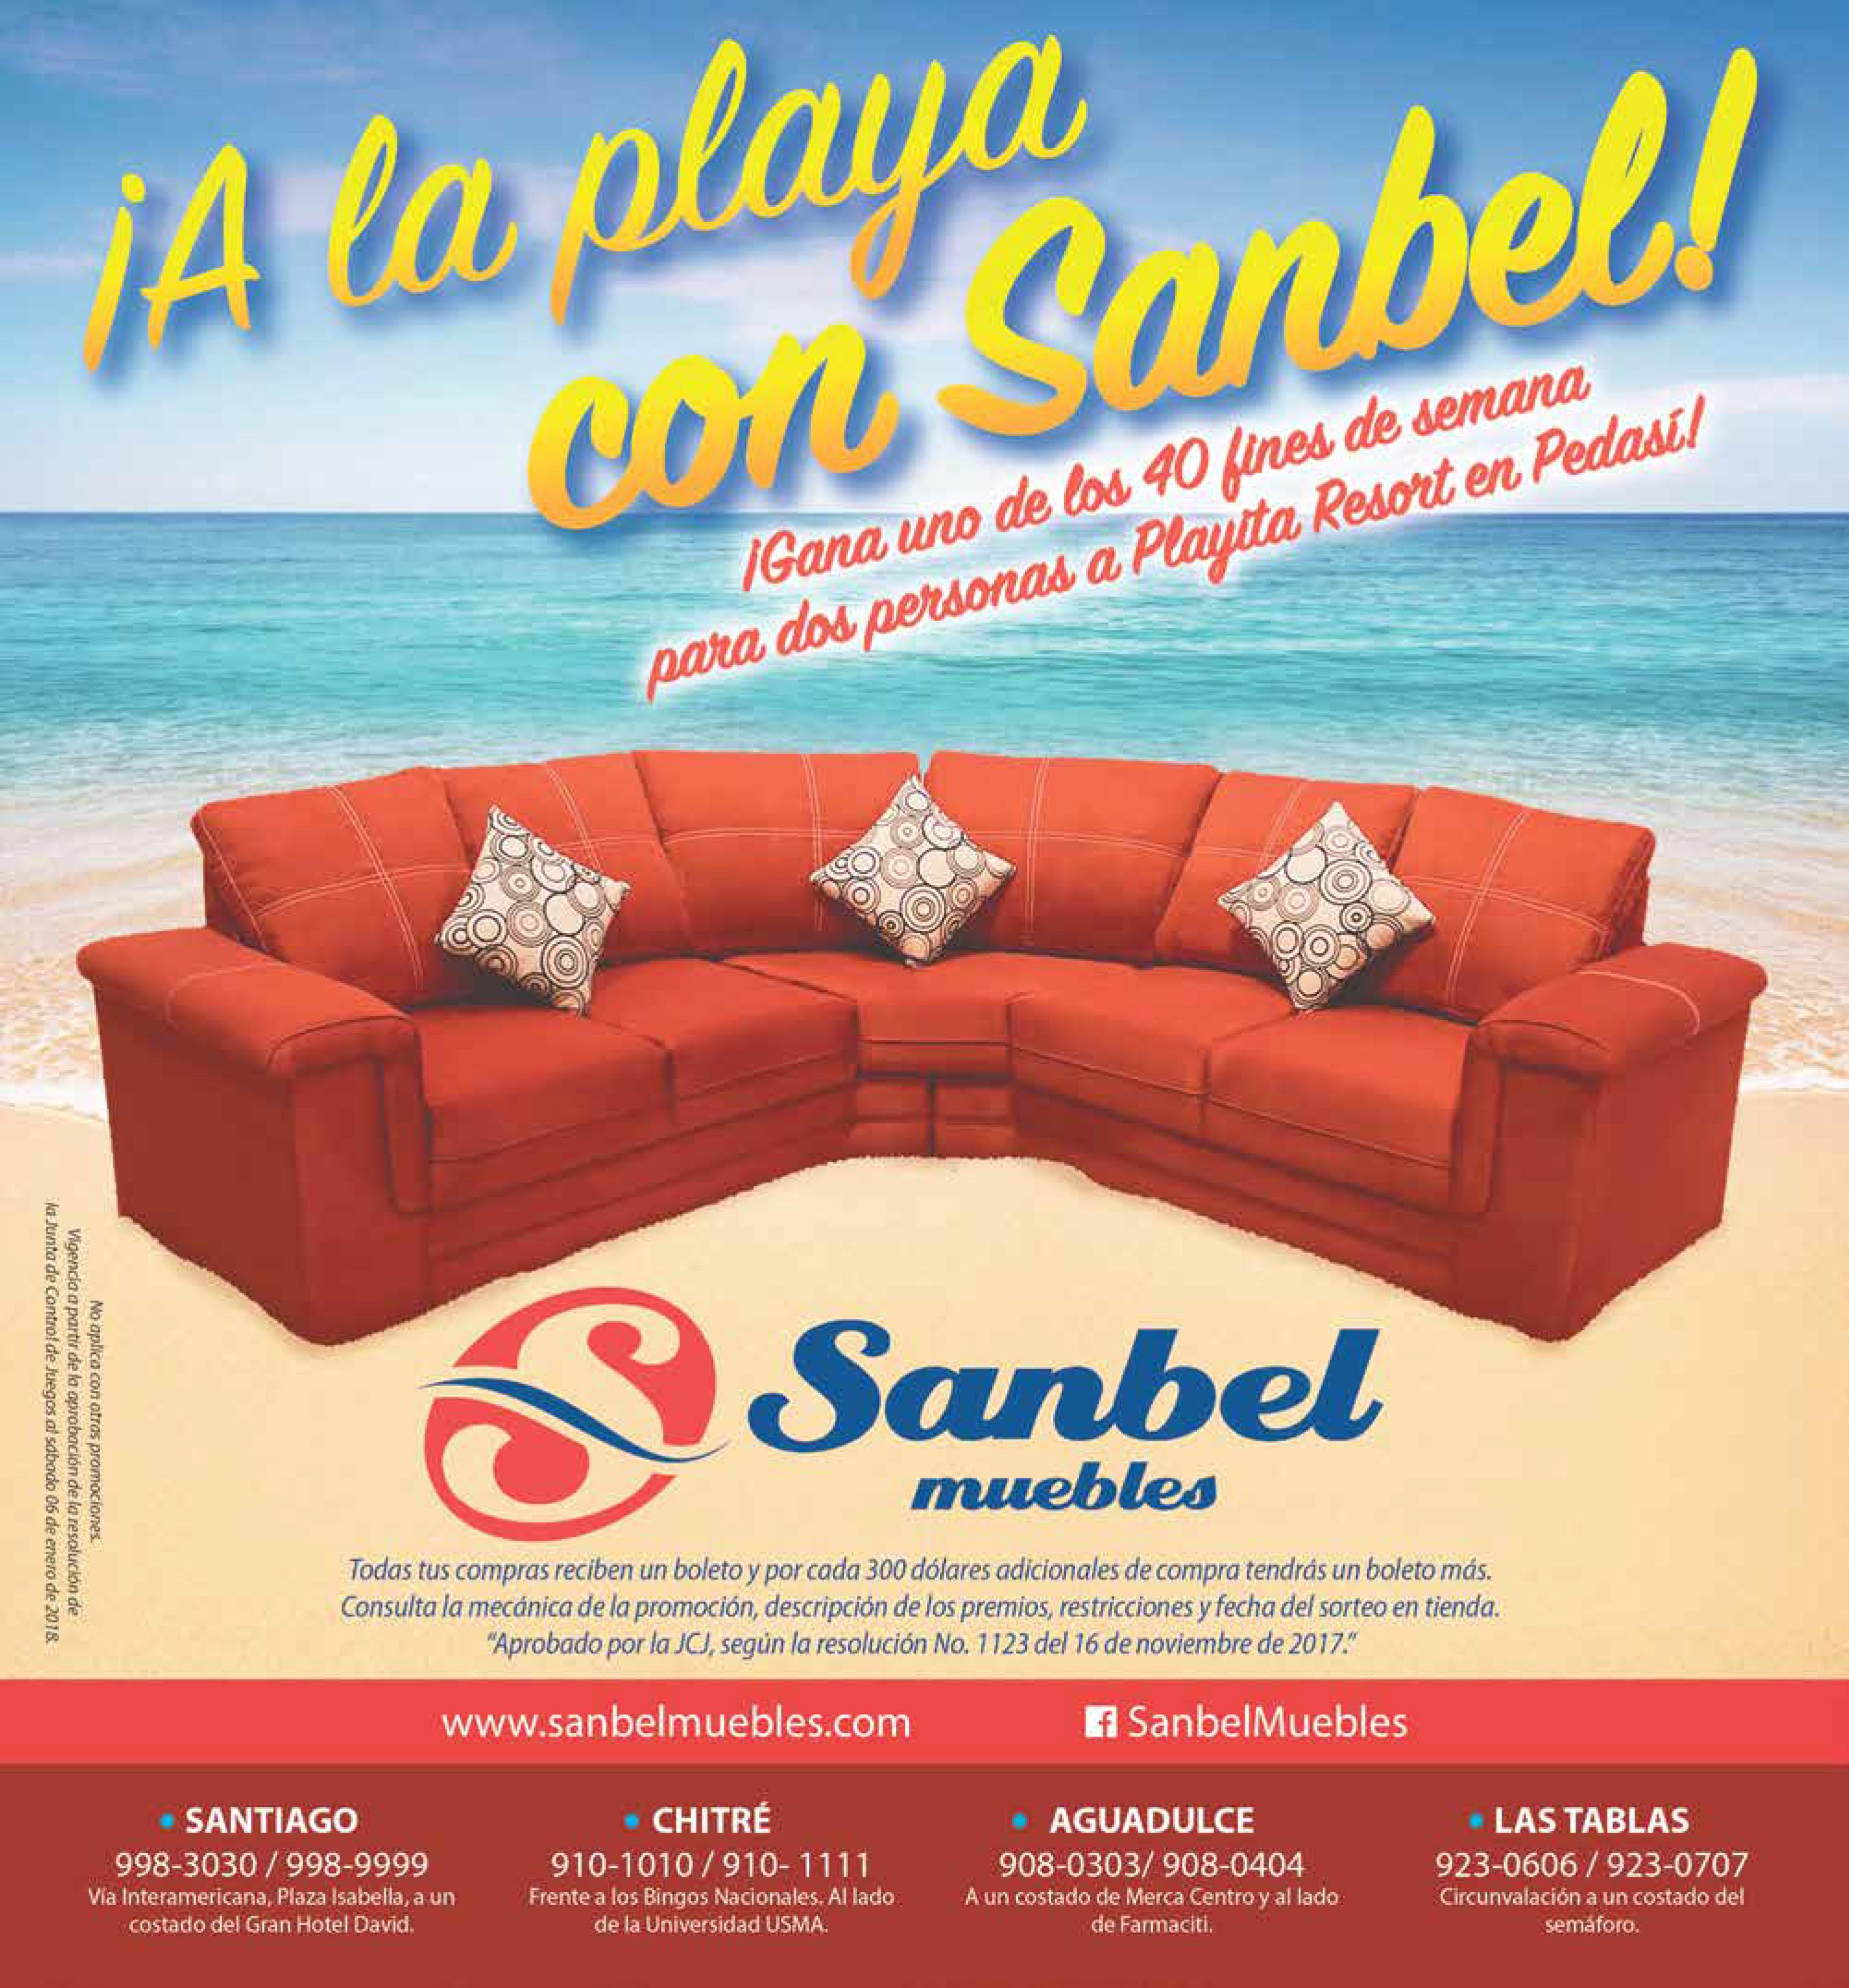 A la playa con Sanbel